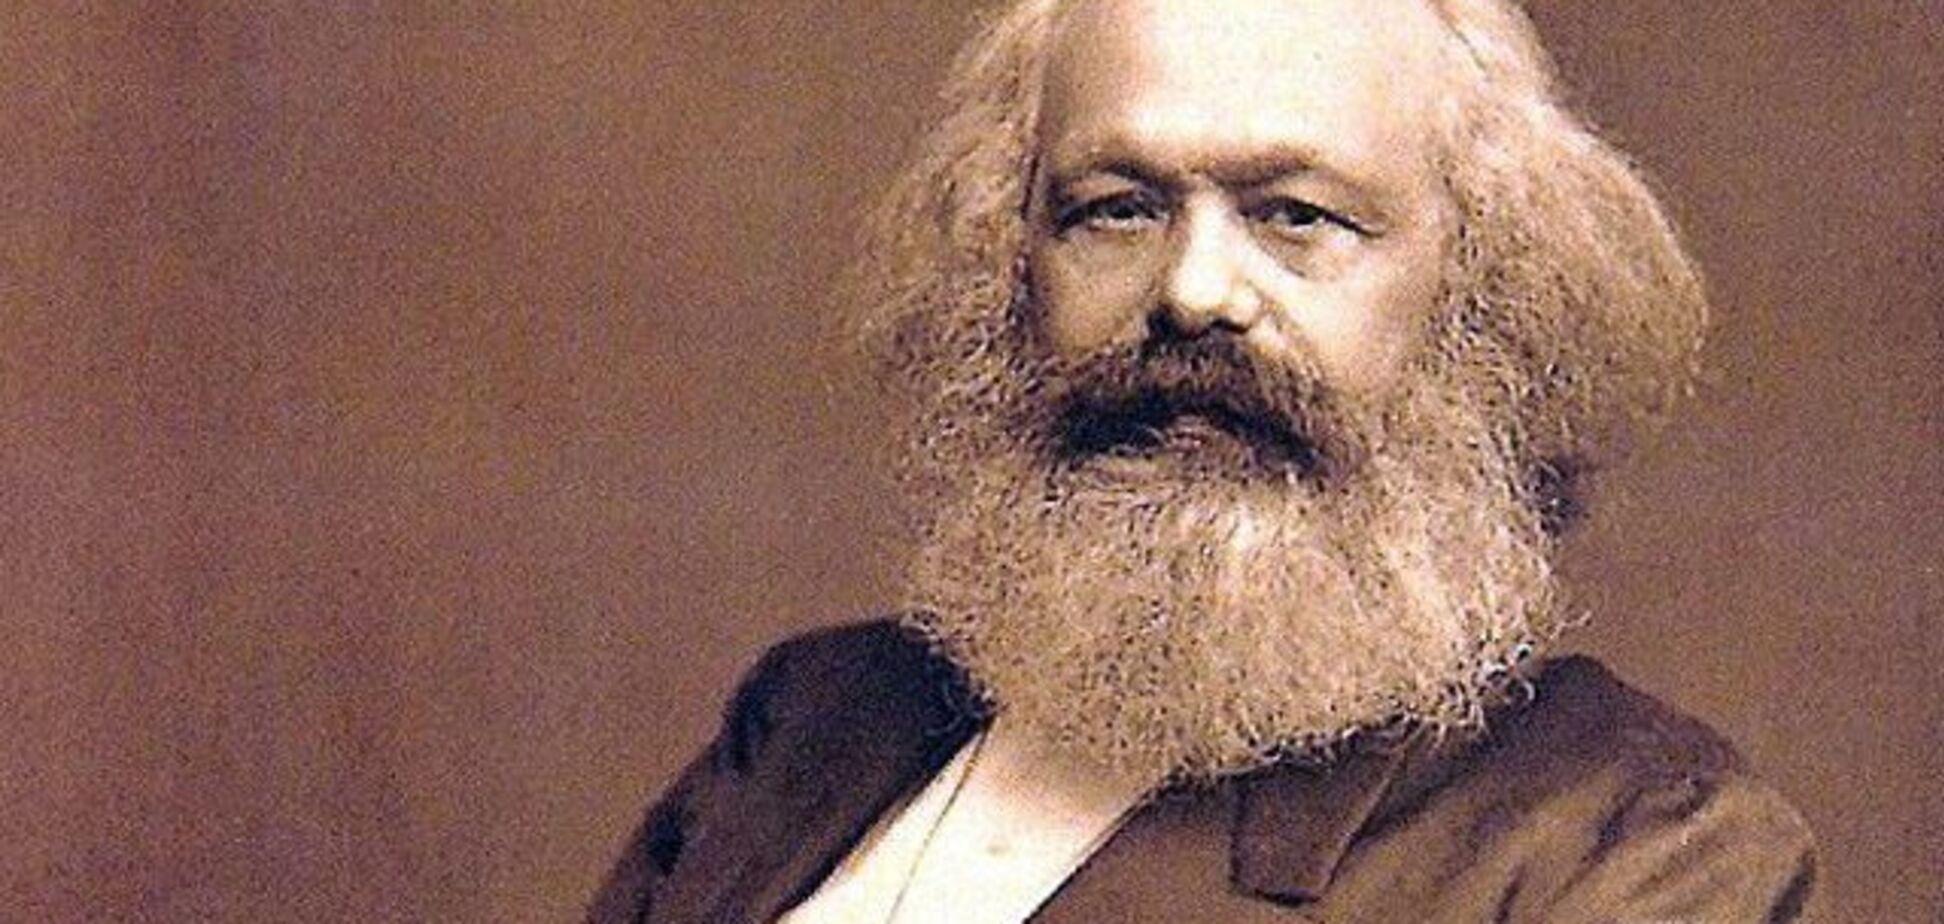 Знесення пам'ятників Карла Маркса - незаконне